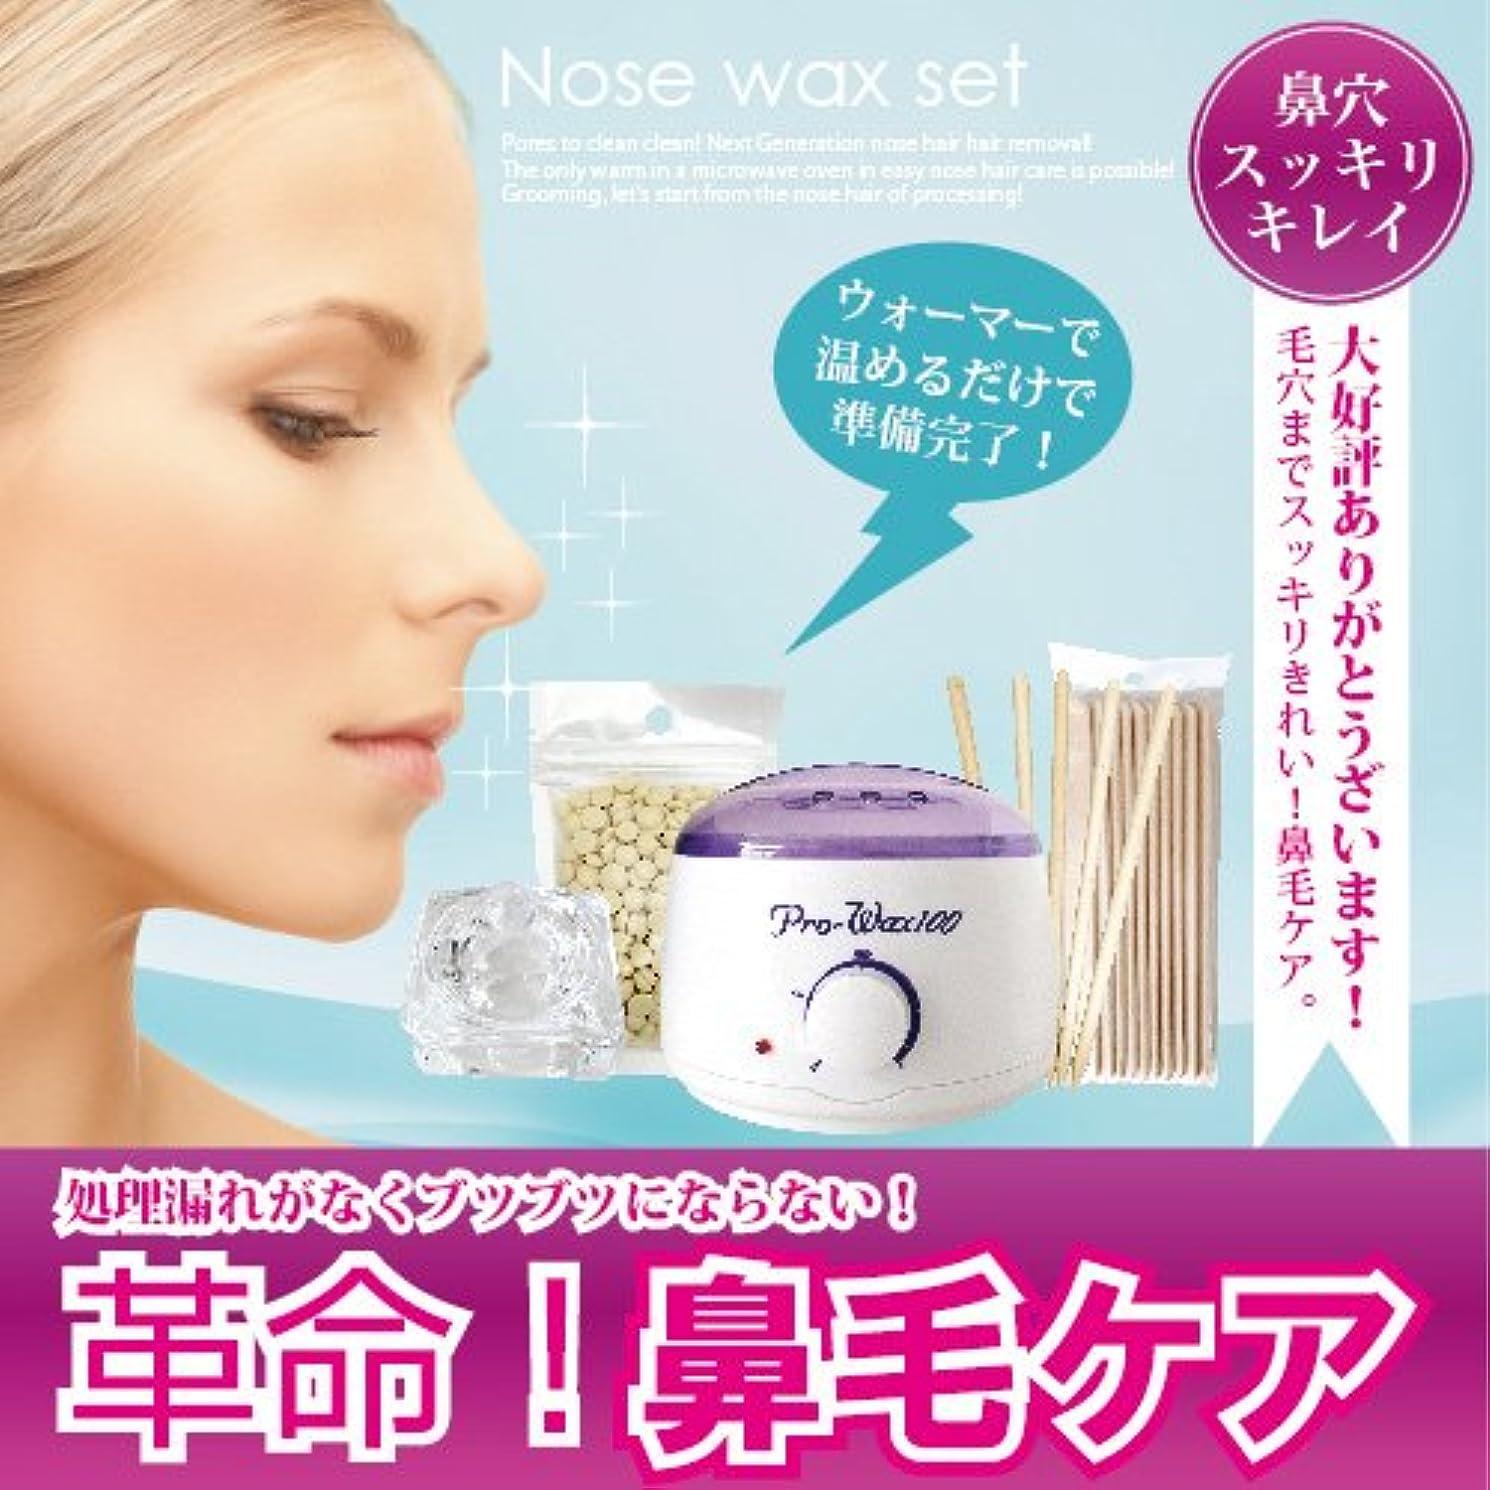 ブラジリアンワックス Nose wax setウォーマー付ノーズワックス鼻毛ケアセット(約12回分)